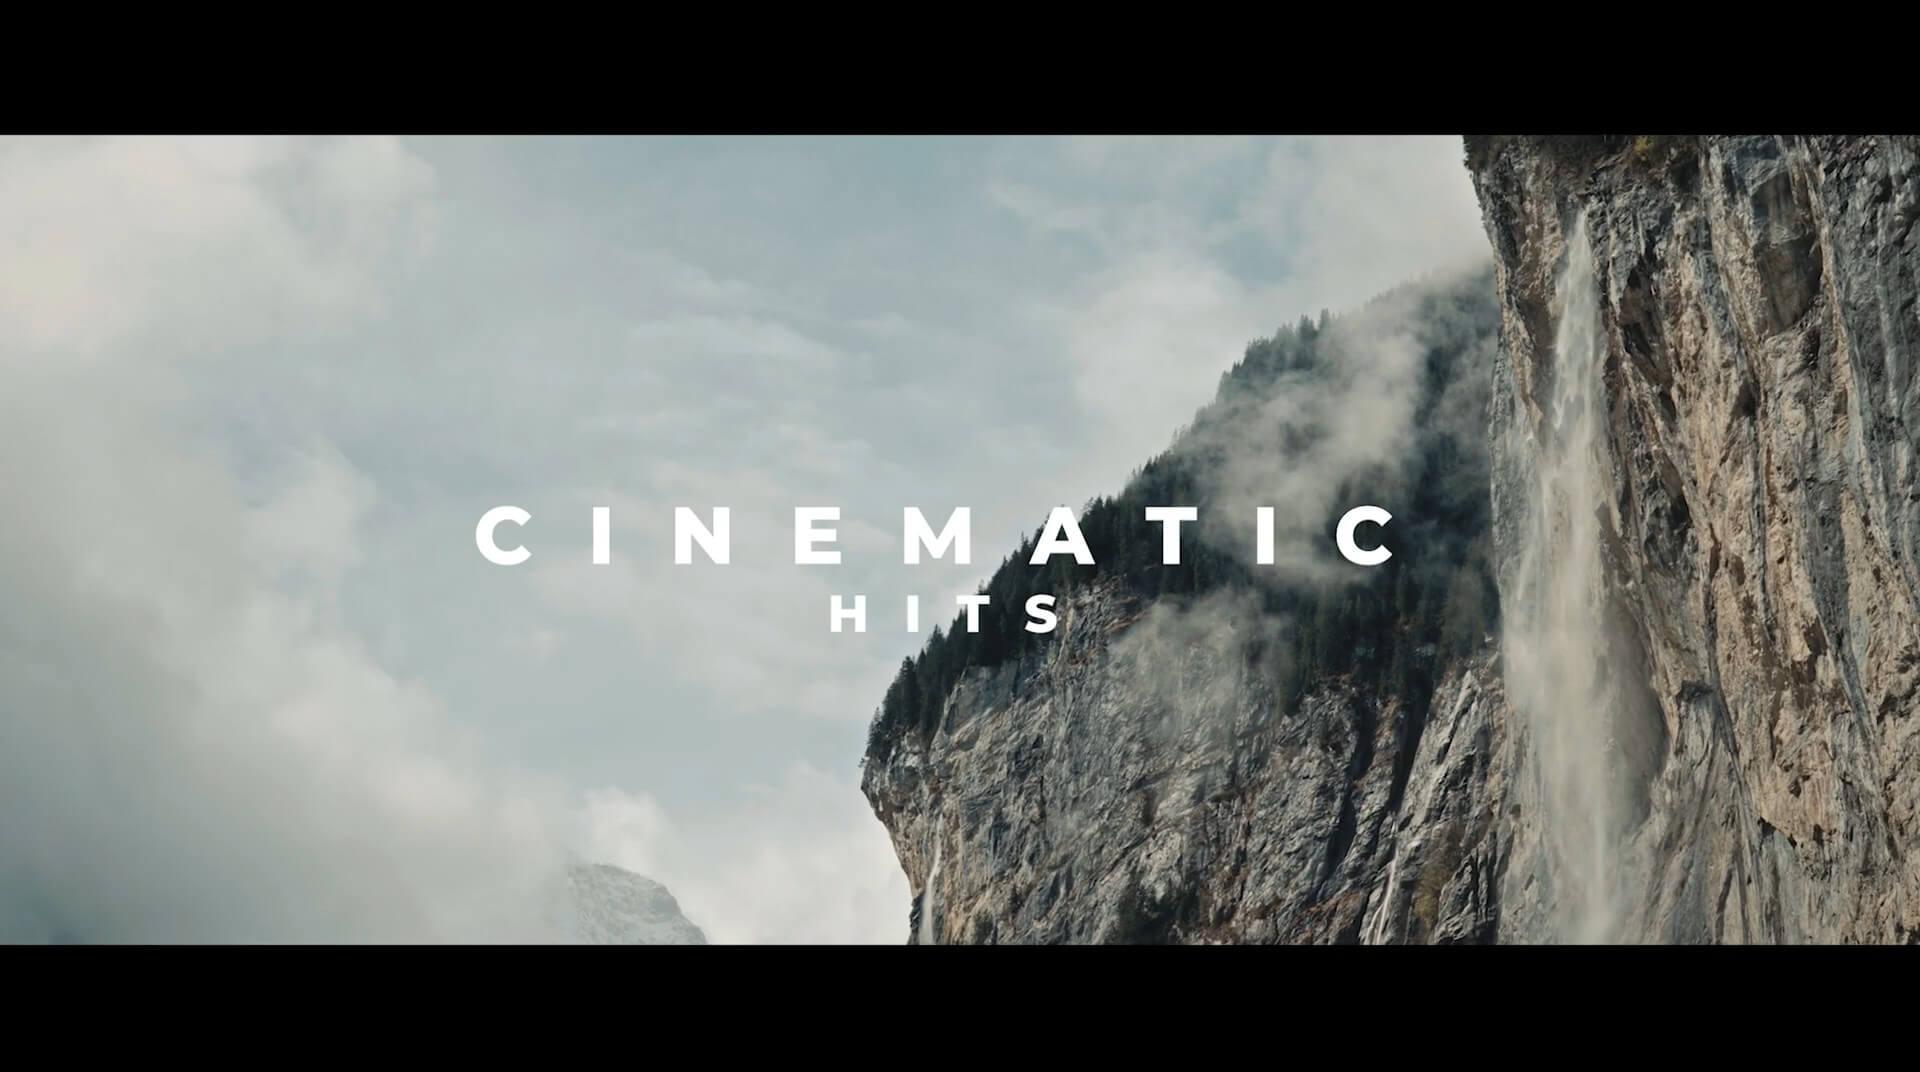 音效素材 100+电影常用环境音效集合 Cinematic Sound Pack